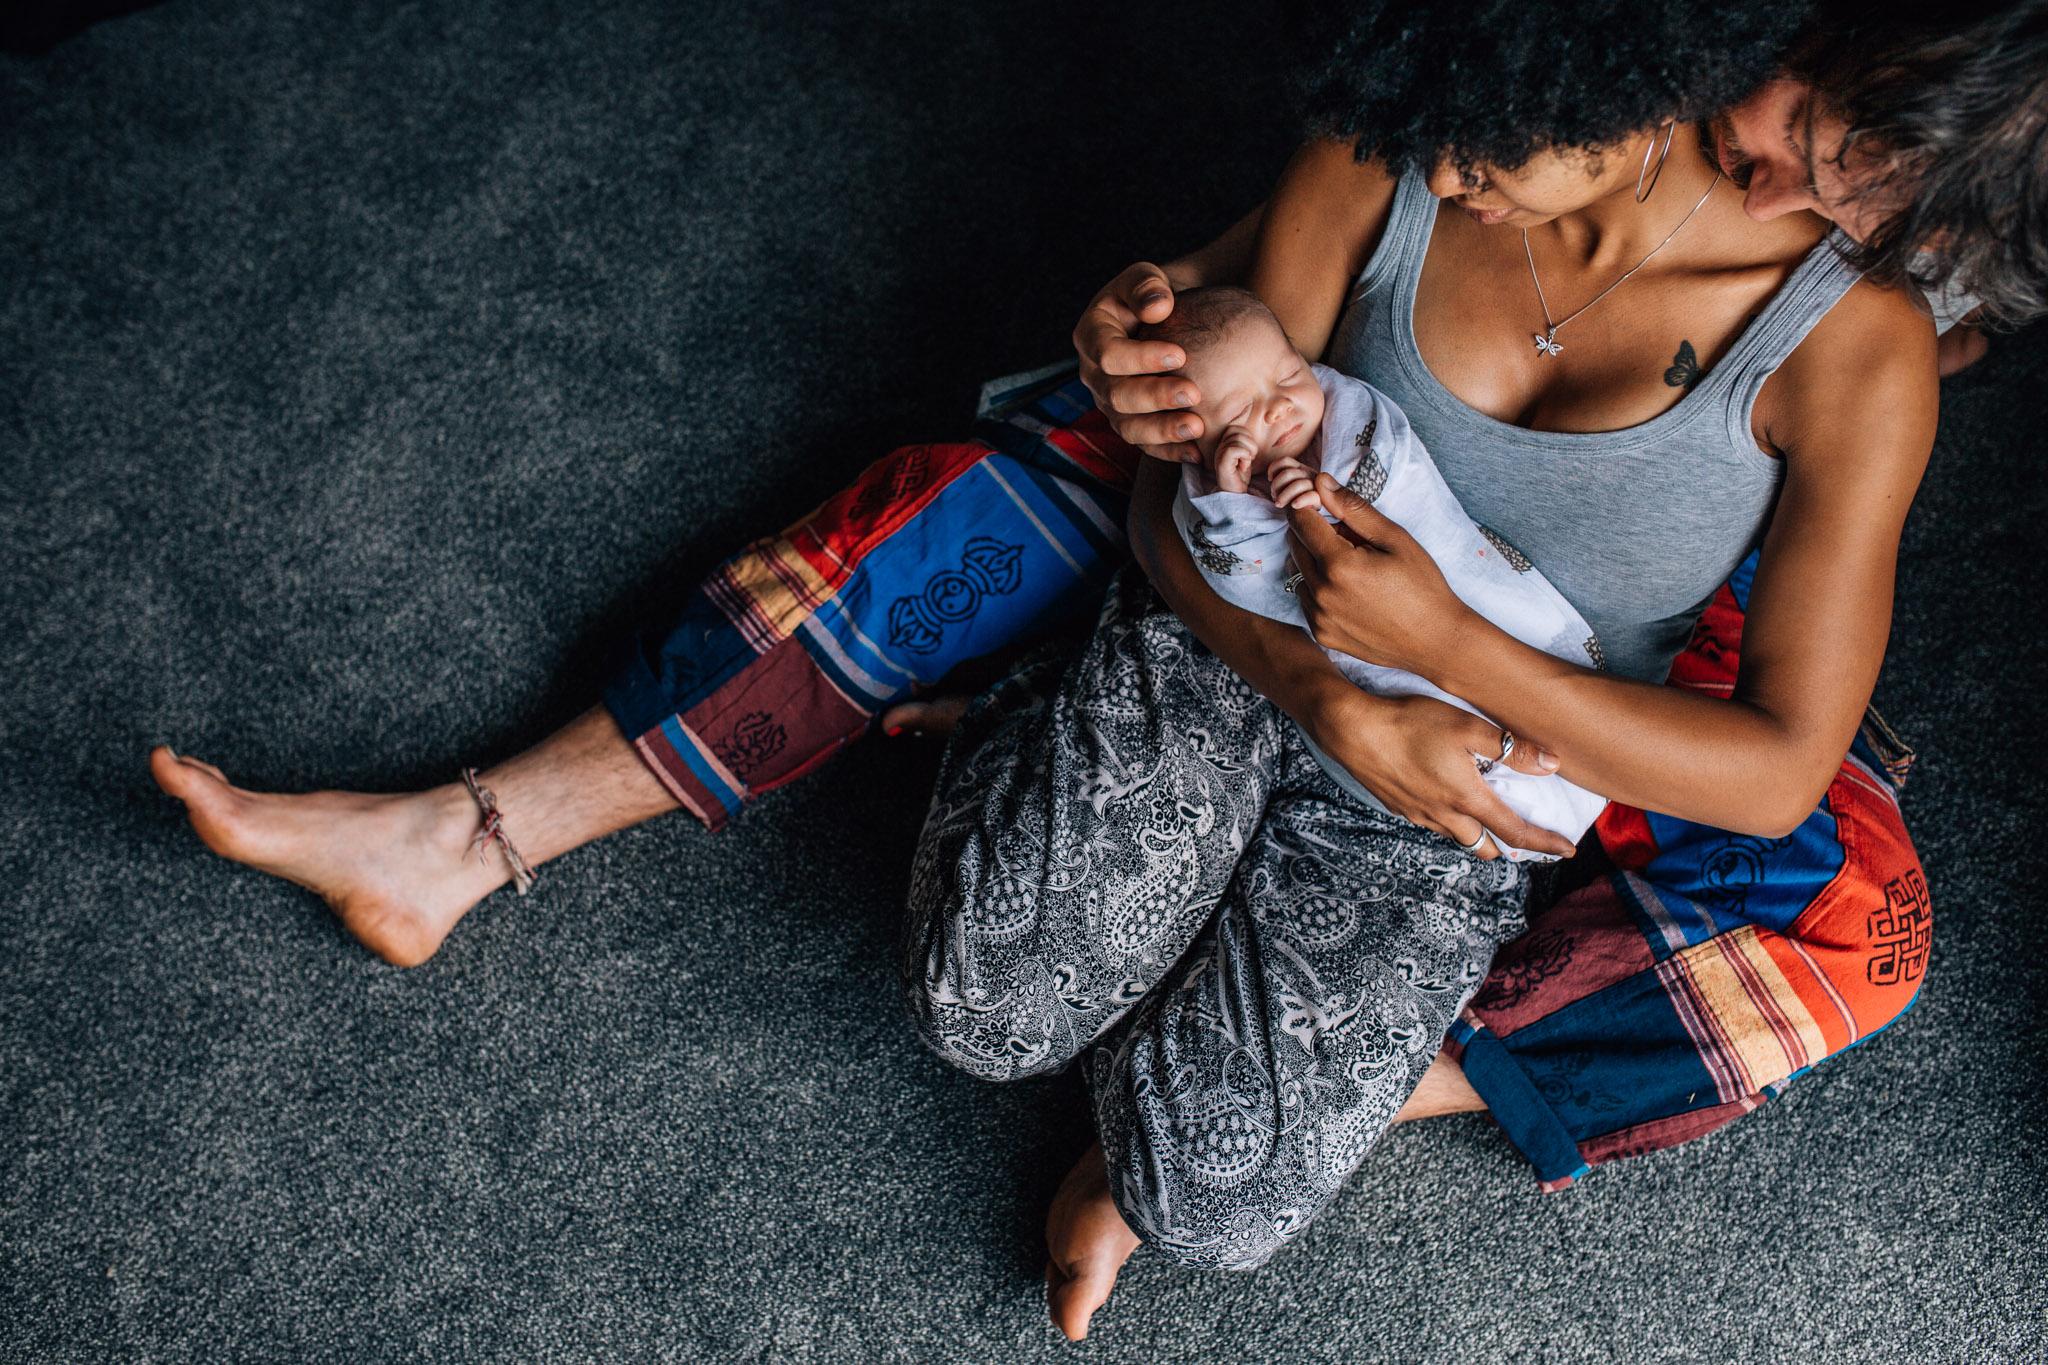 family-cuddling-on-carpet (1 of 1).jpg